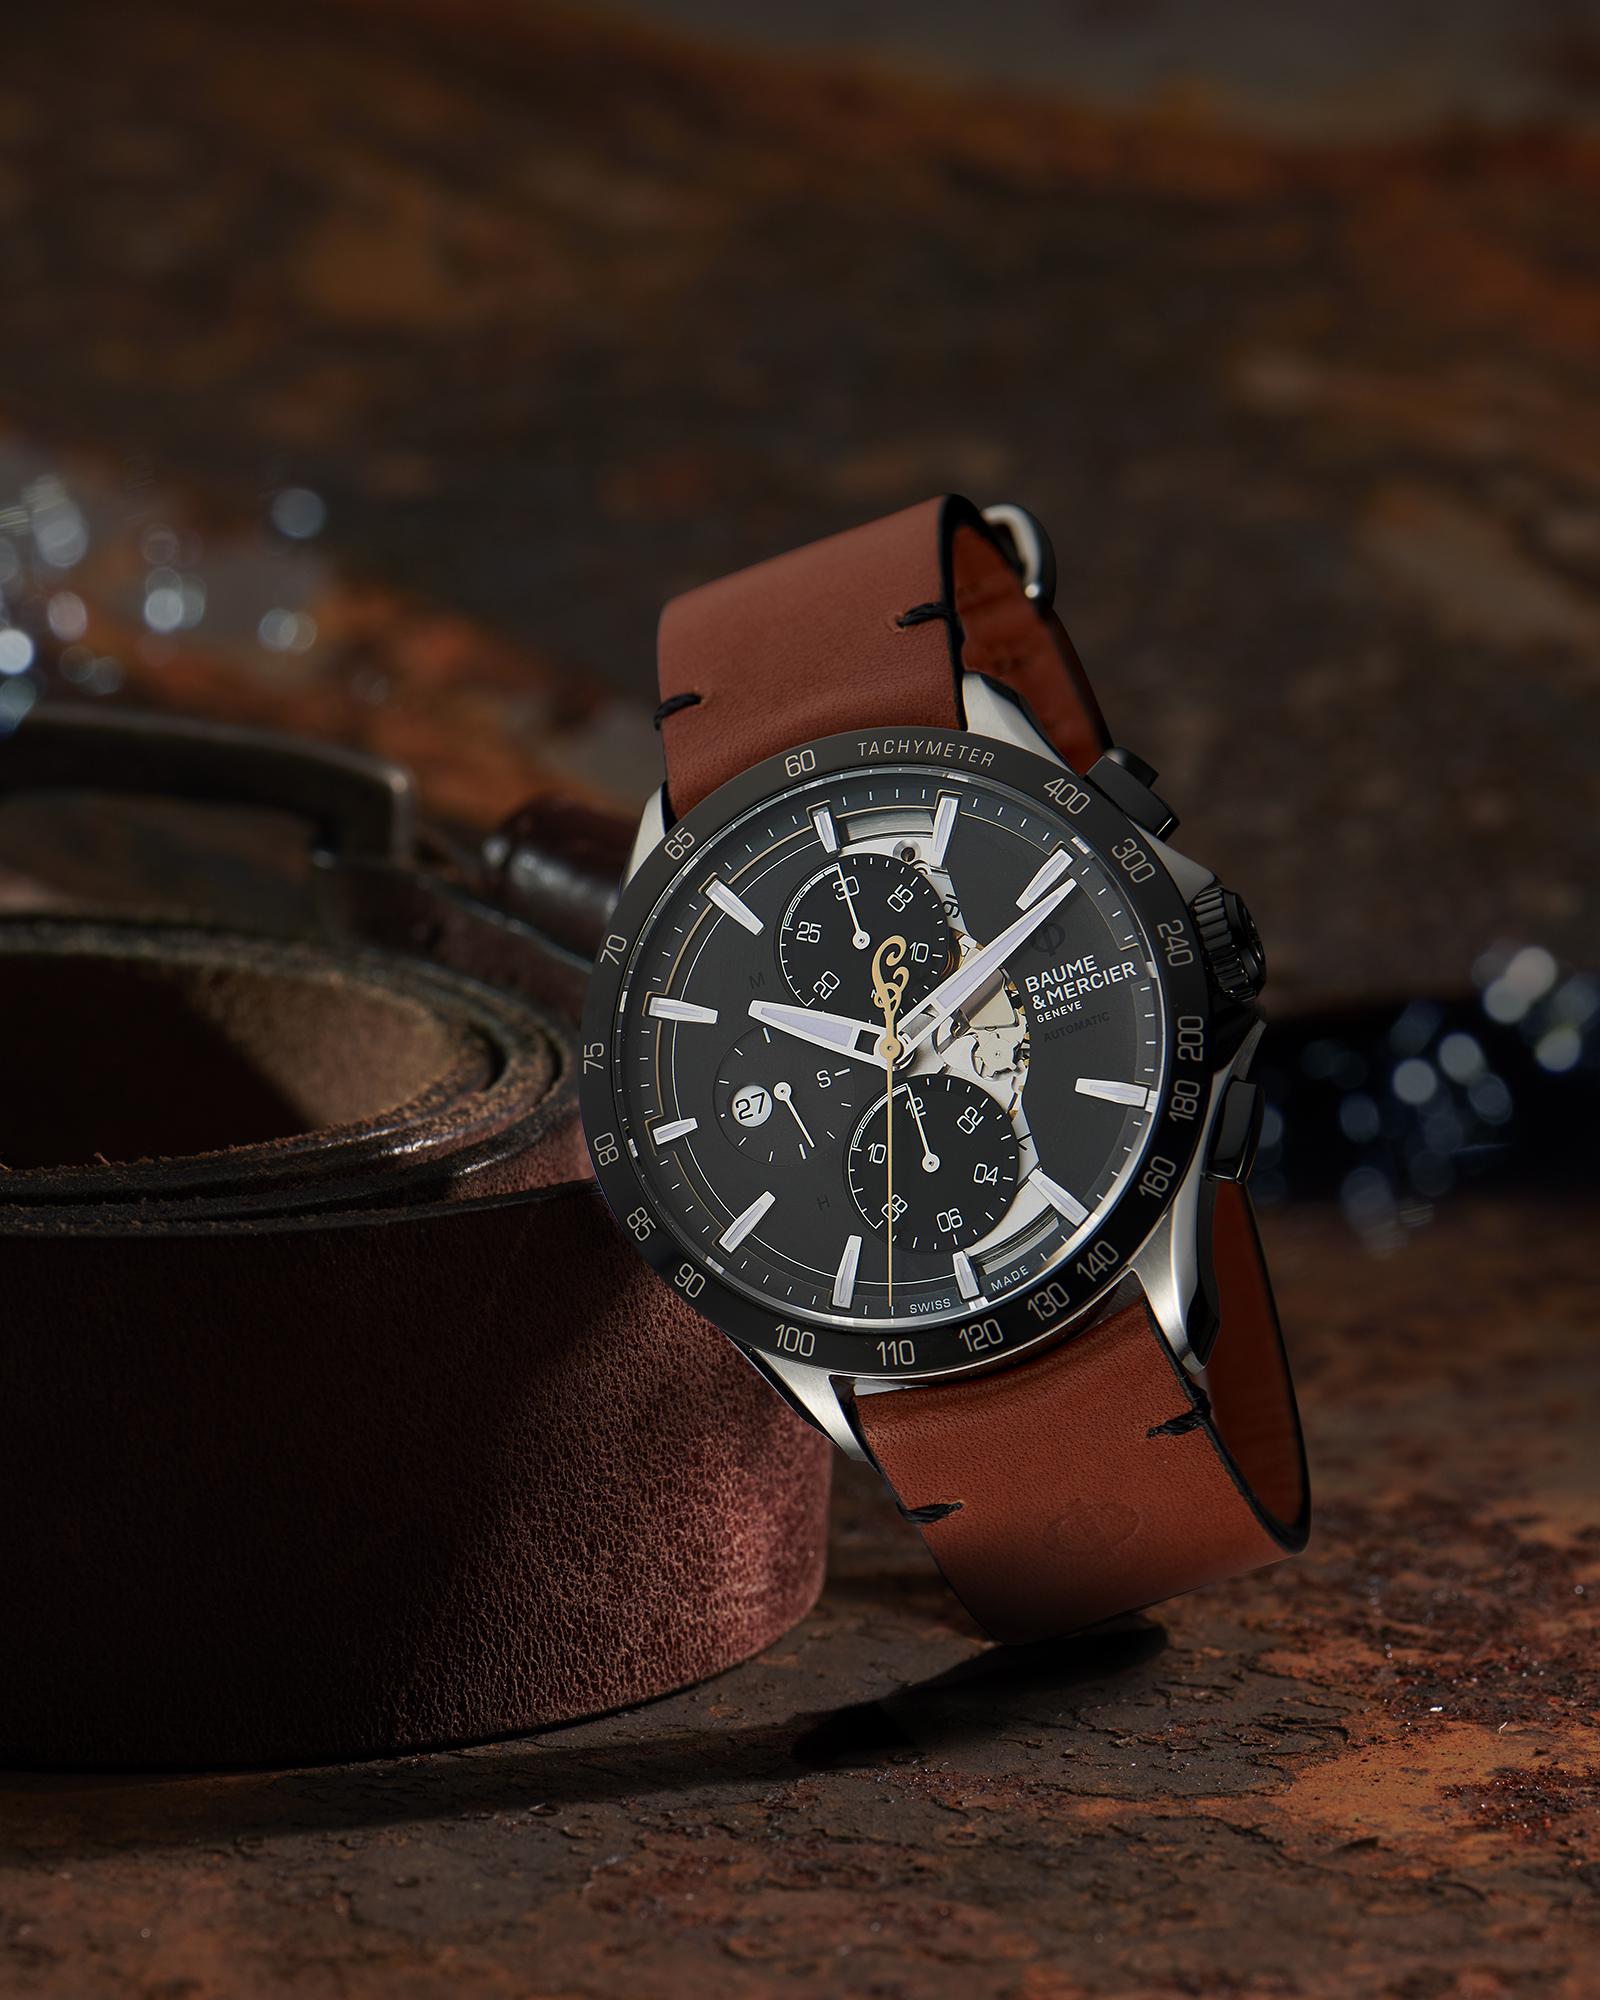 photographie d'ambiance de la montre de beaume et mercier, bracelet cuir